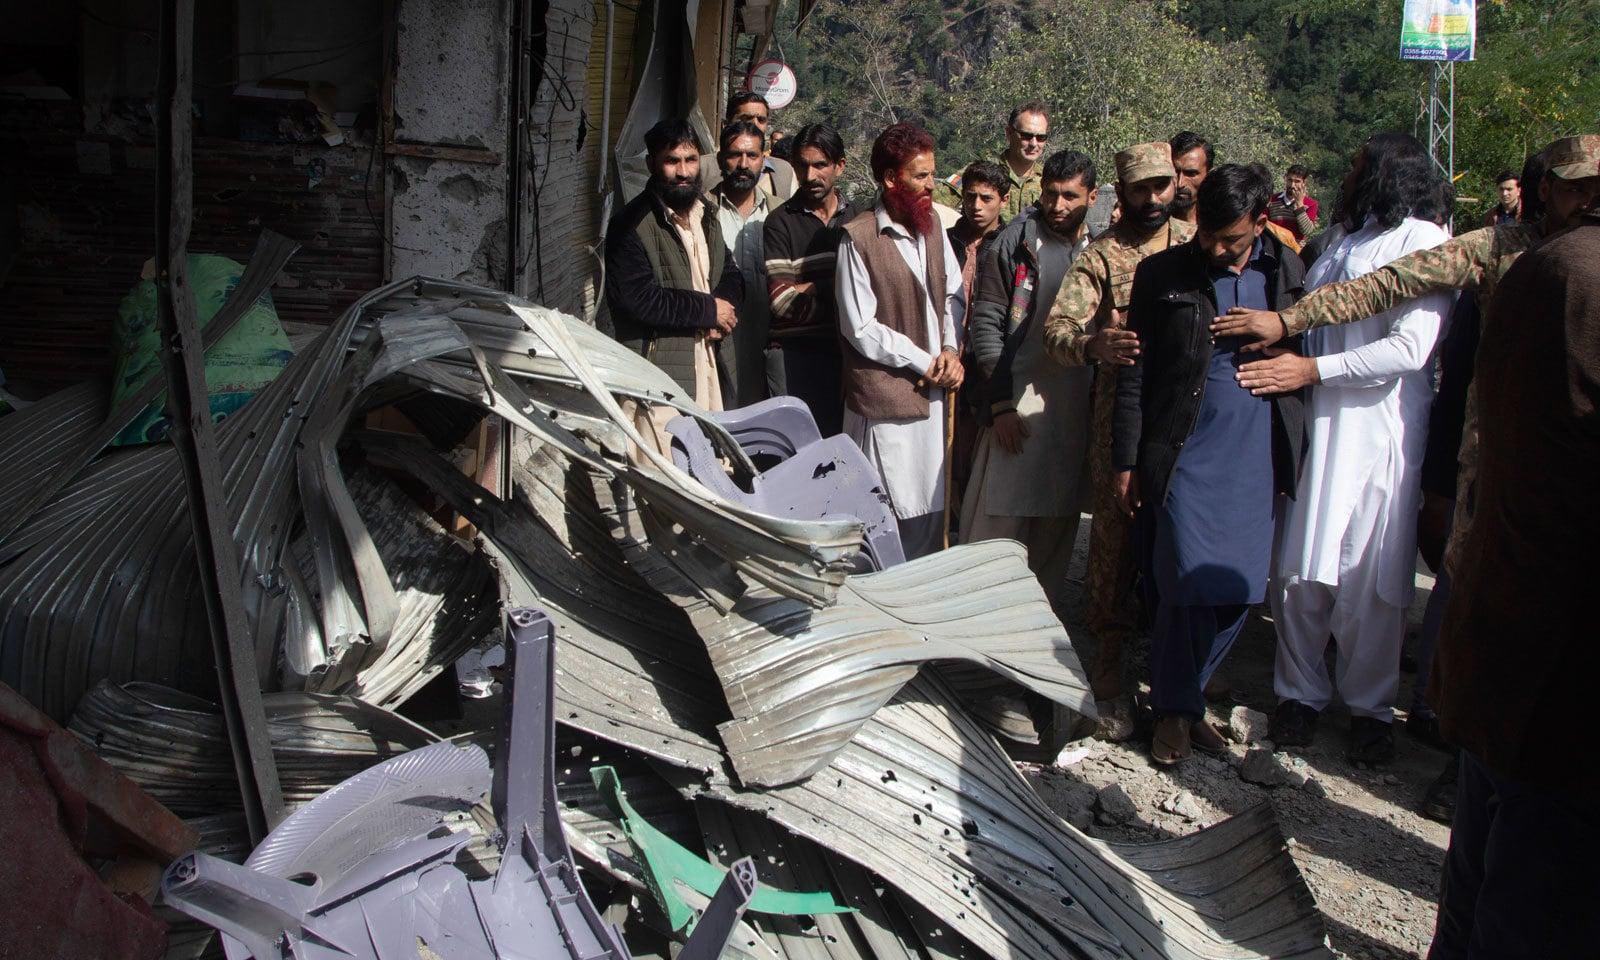 سفرا و ہائی کمشنرز نے ان مقامات کا جائزہ لیا جنہیں بھارتی اشتعال انگیزی سے نقصان پہنچا تھا — فوٹو: اے پی